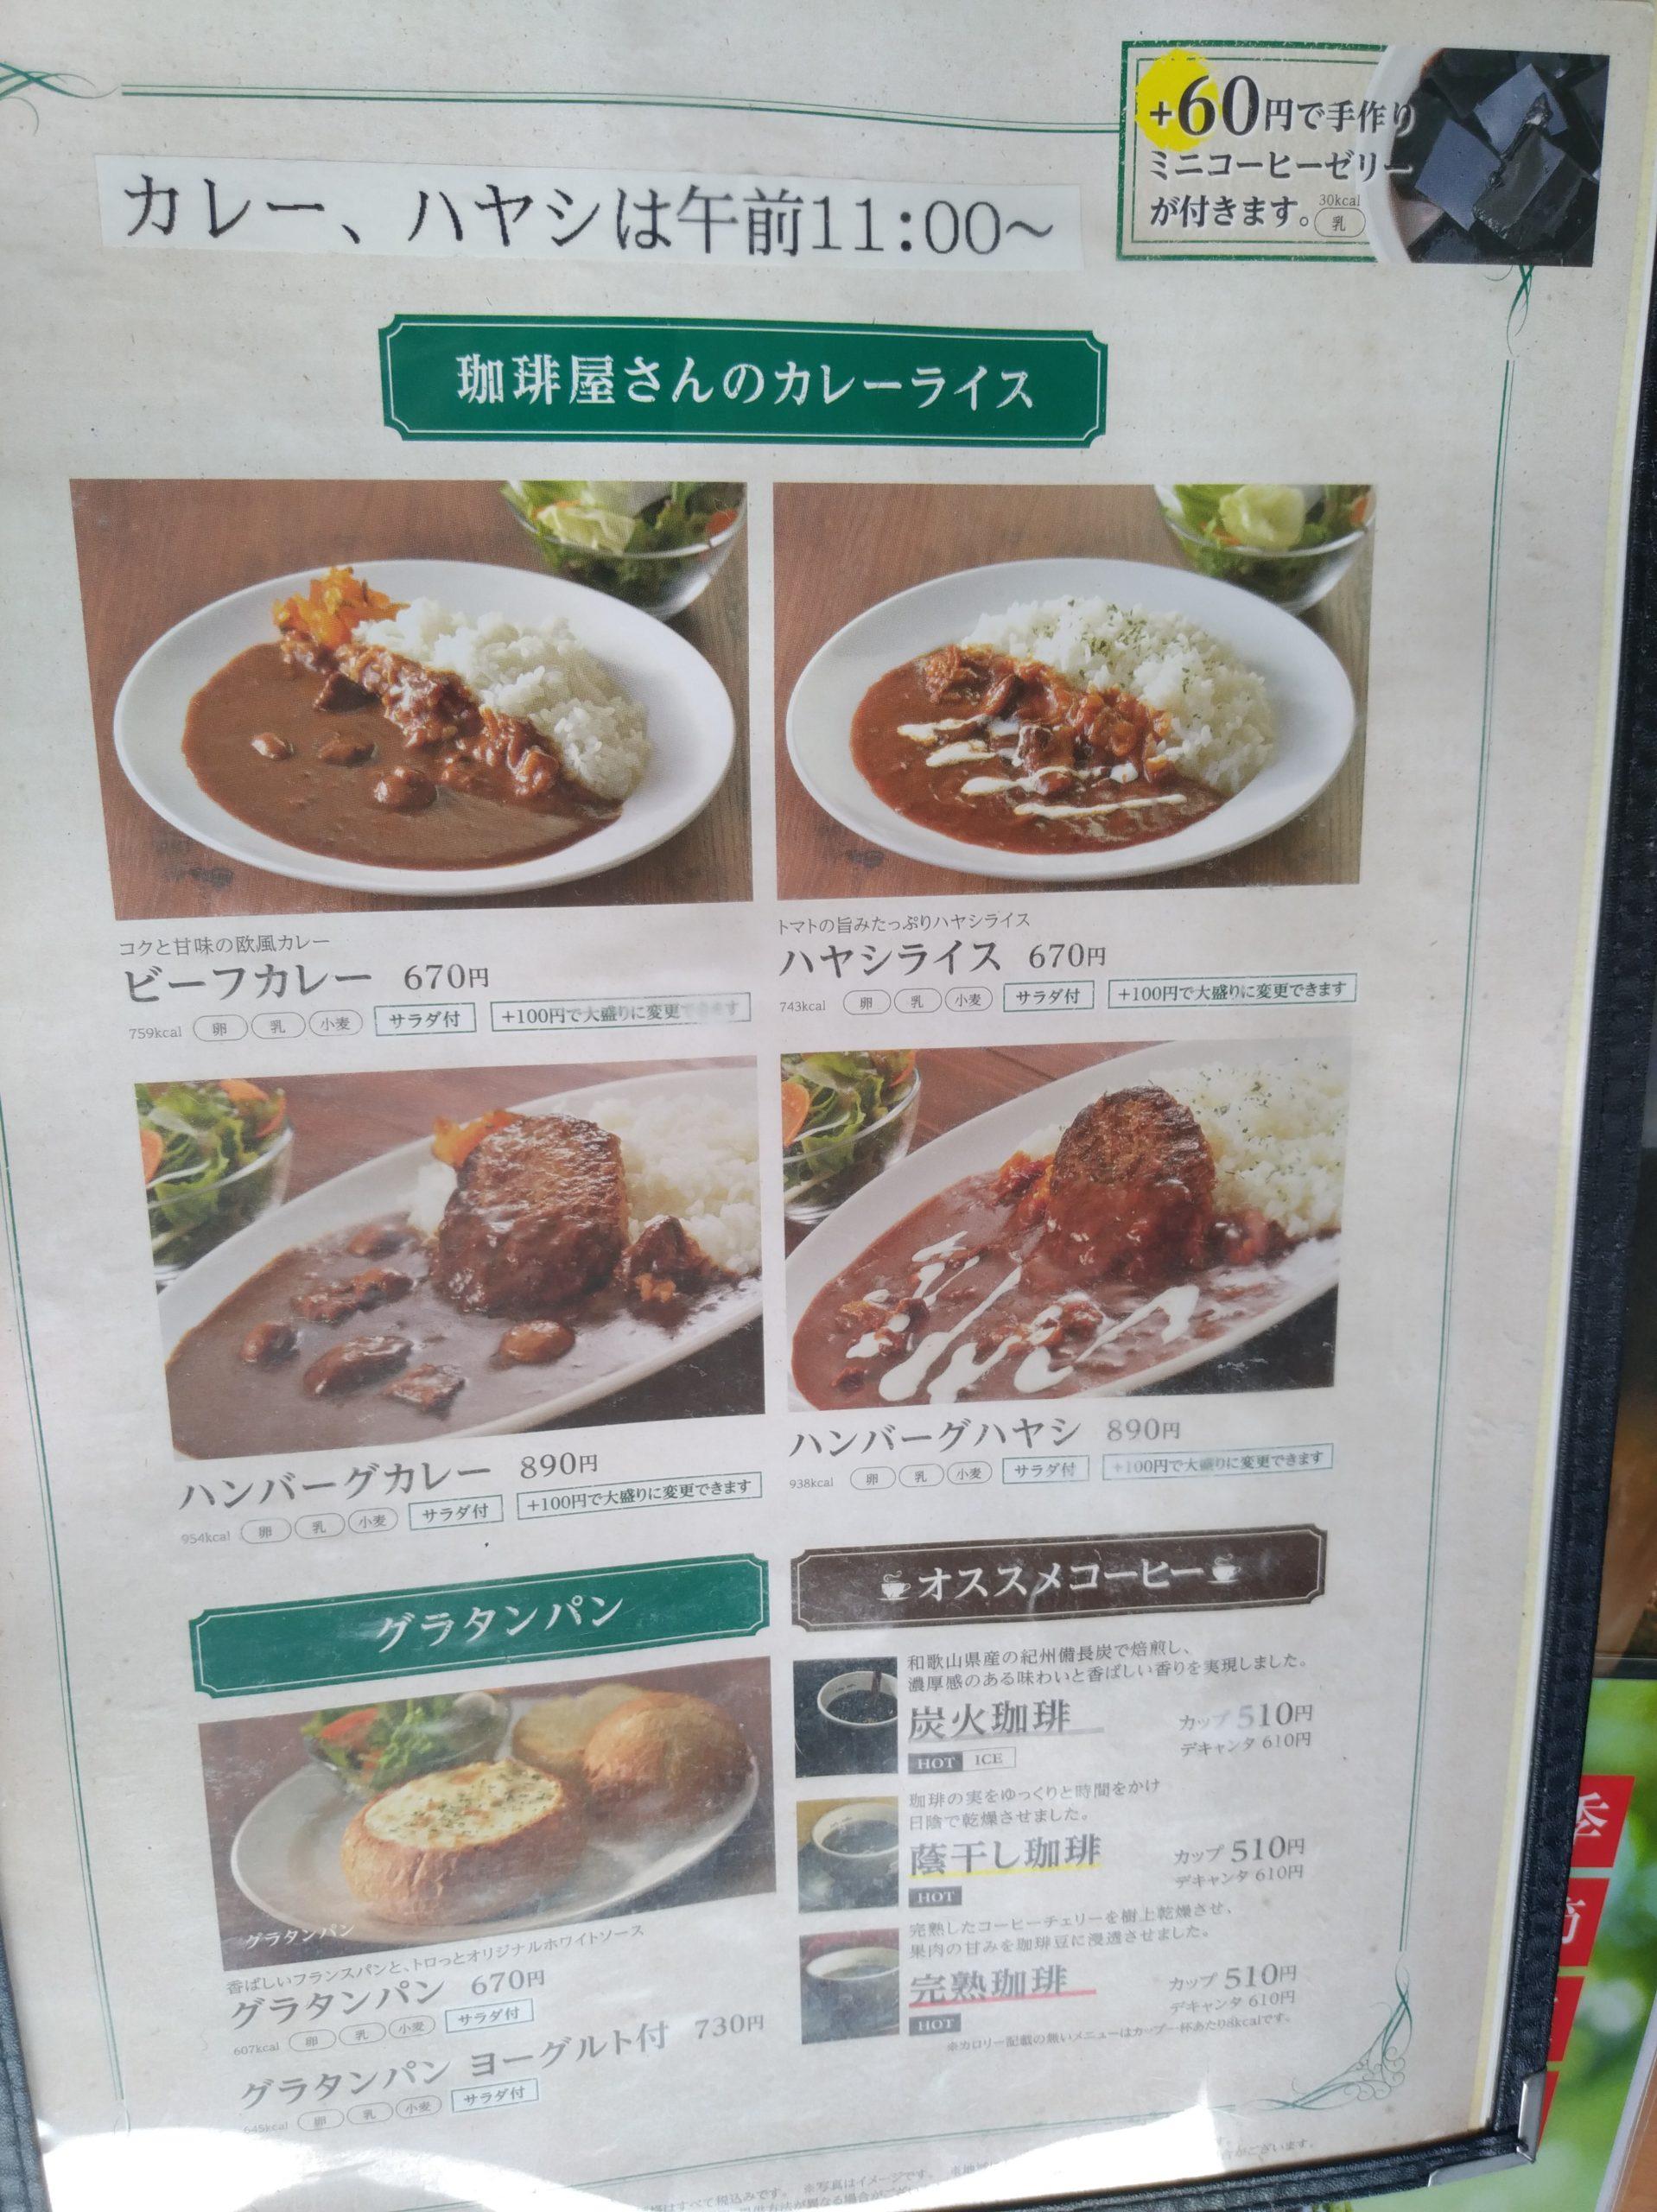 厚切りシナモントースト 珈琲館 カレーメニュー